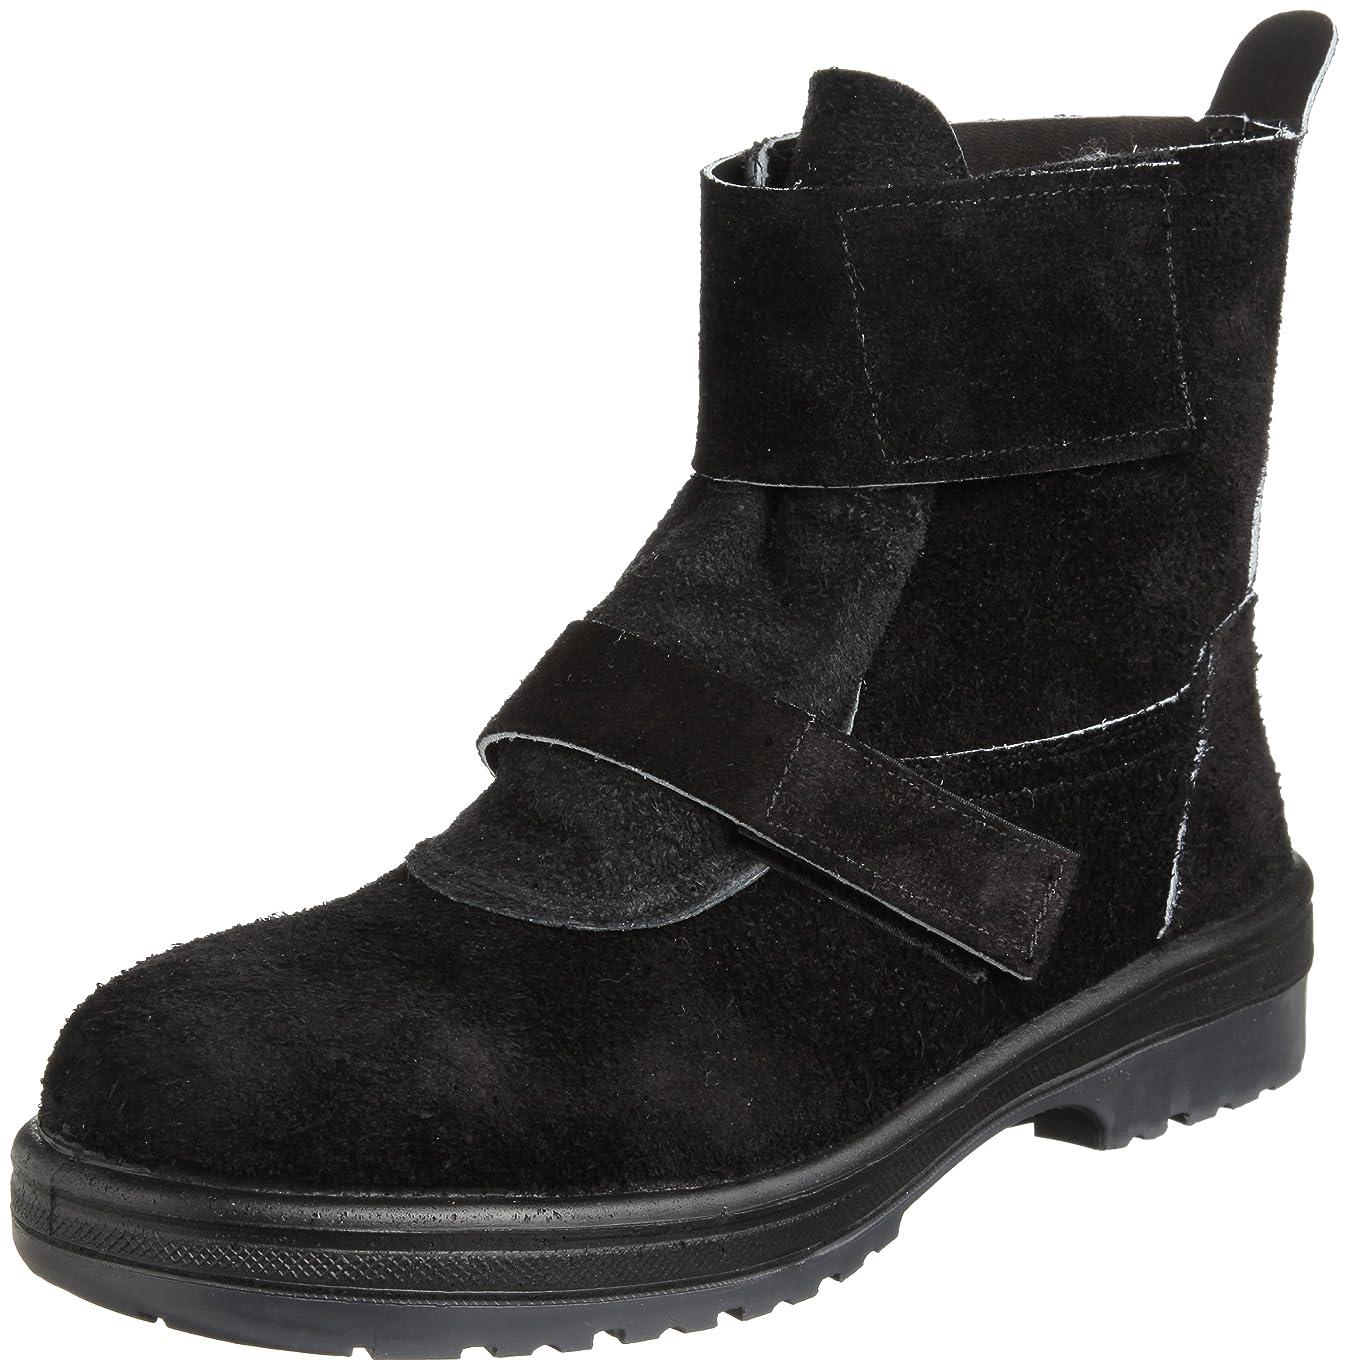 皮ジュニア邪魔[ミドリ安全] 安全靴 JIS規格 二種耐熱靴 熱職場用 長編上靴 マジックタイプ RT4009 メンズ